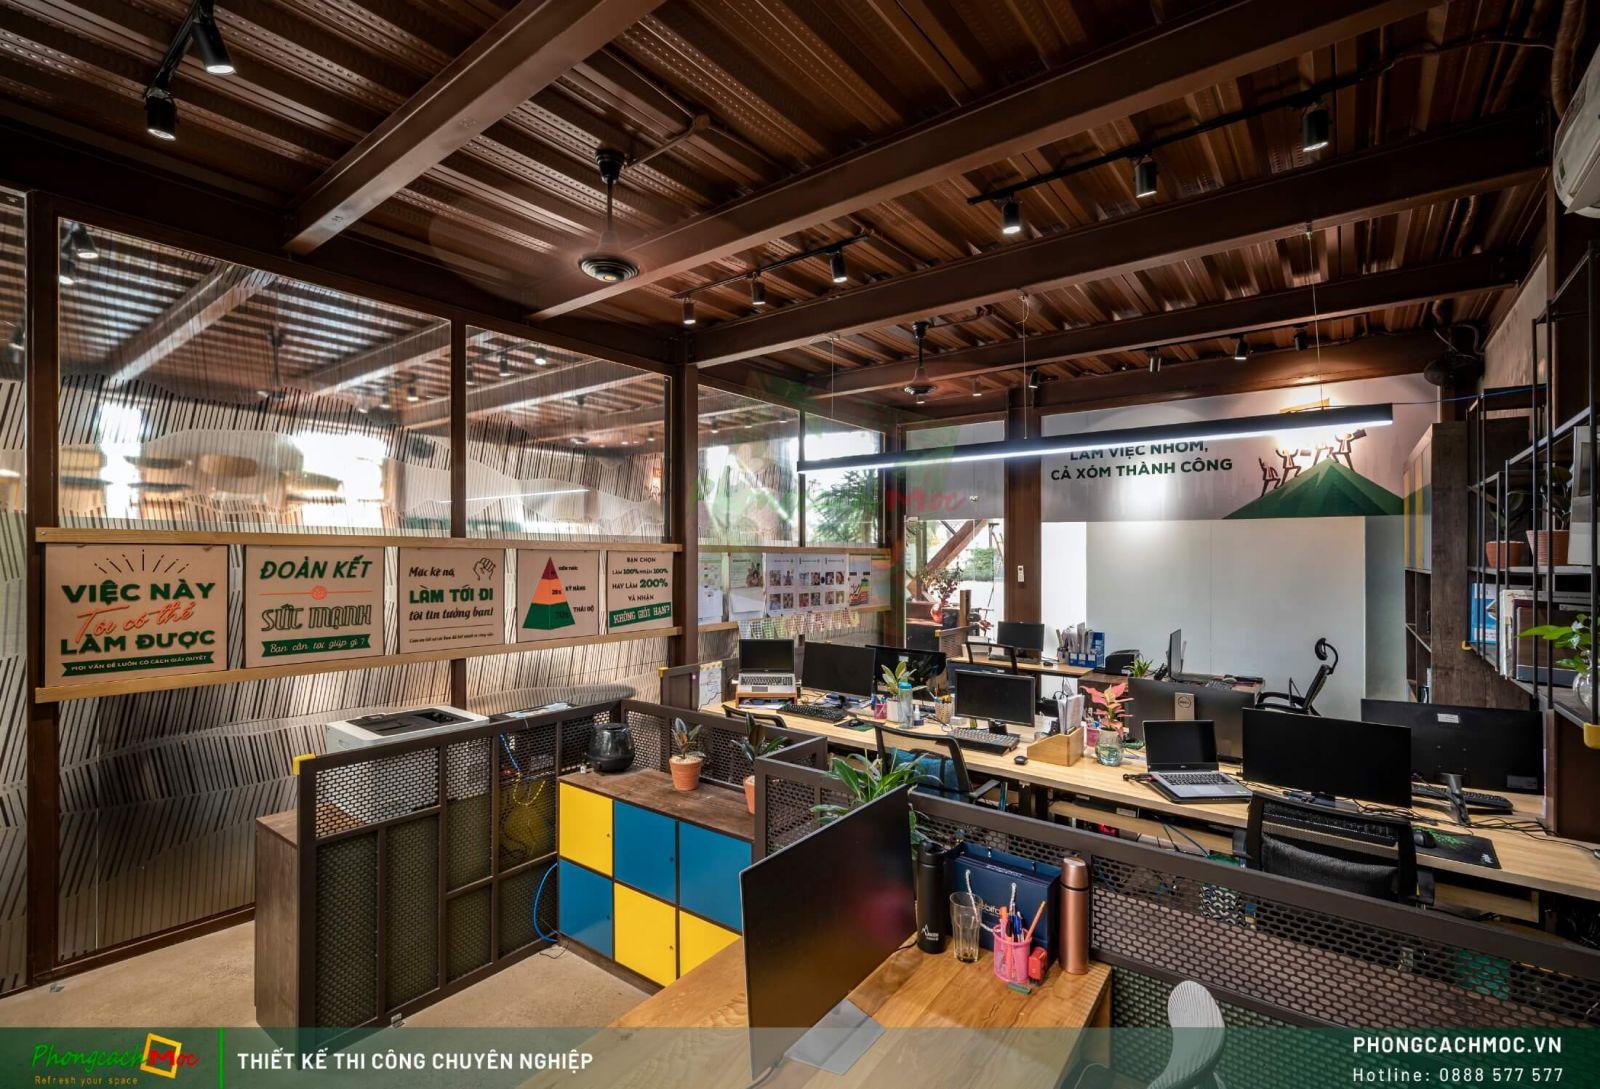 Thiết kế không gian làm việc